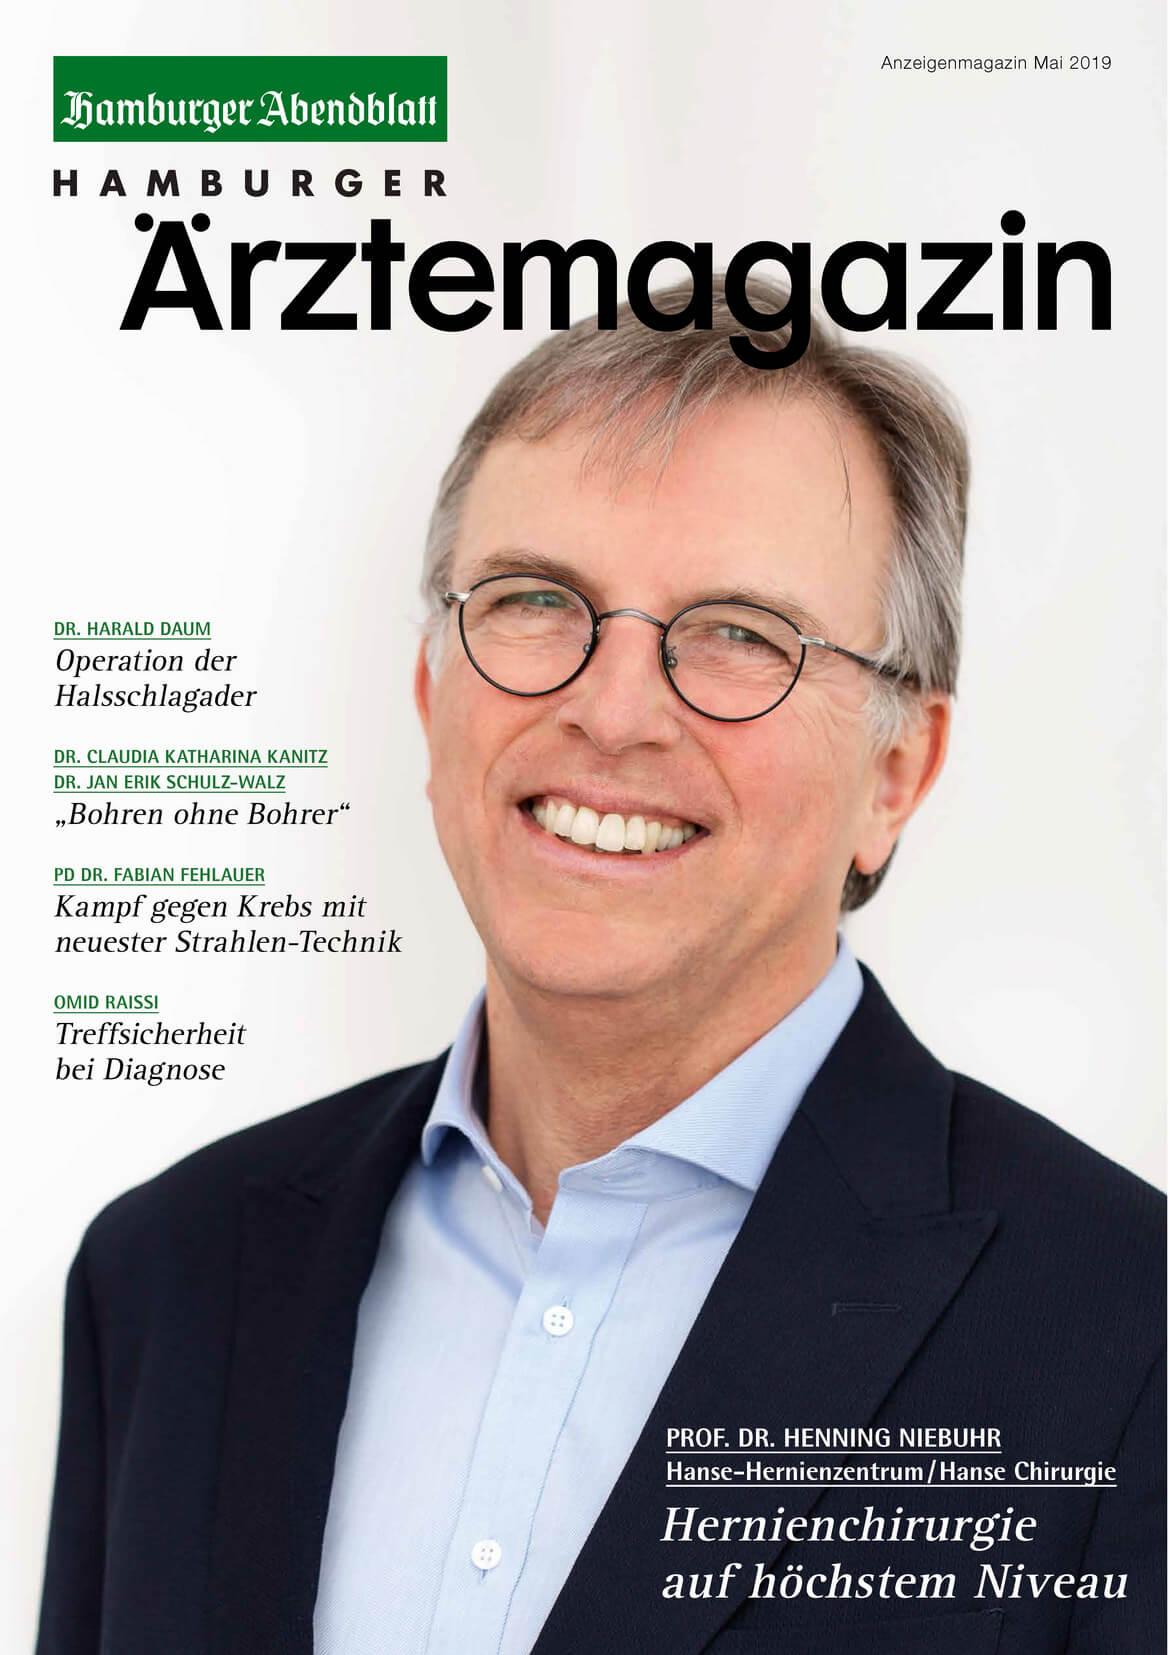 Hamburger Ärztemagazin Ausgabe Mai 2019 erschienen